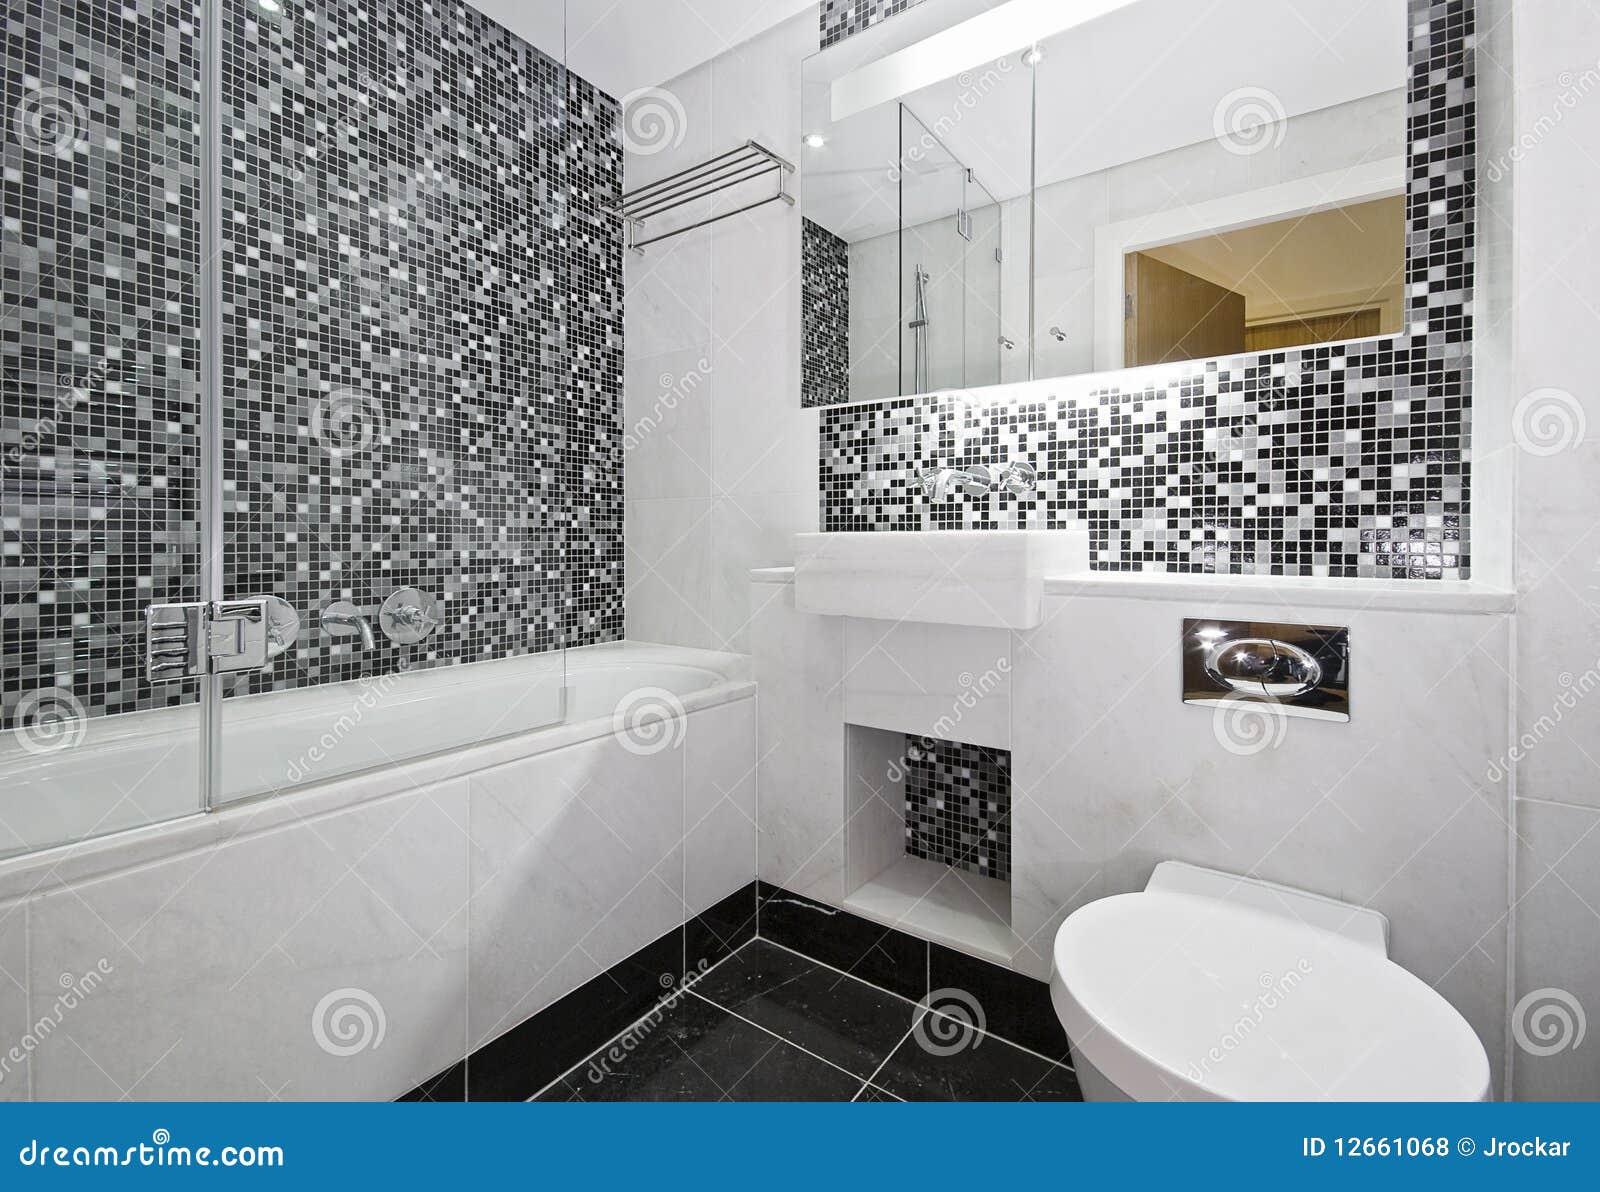 Interieur inspiratie badkamer met mozaiek bad interieur inspiratie